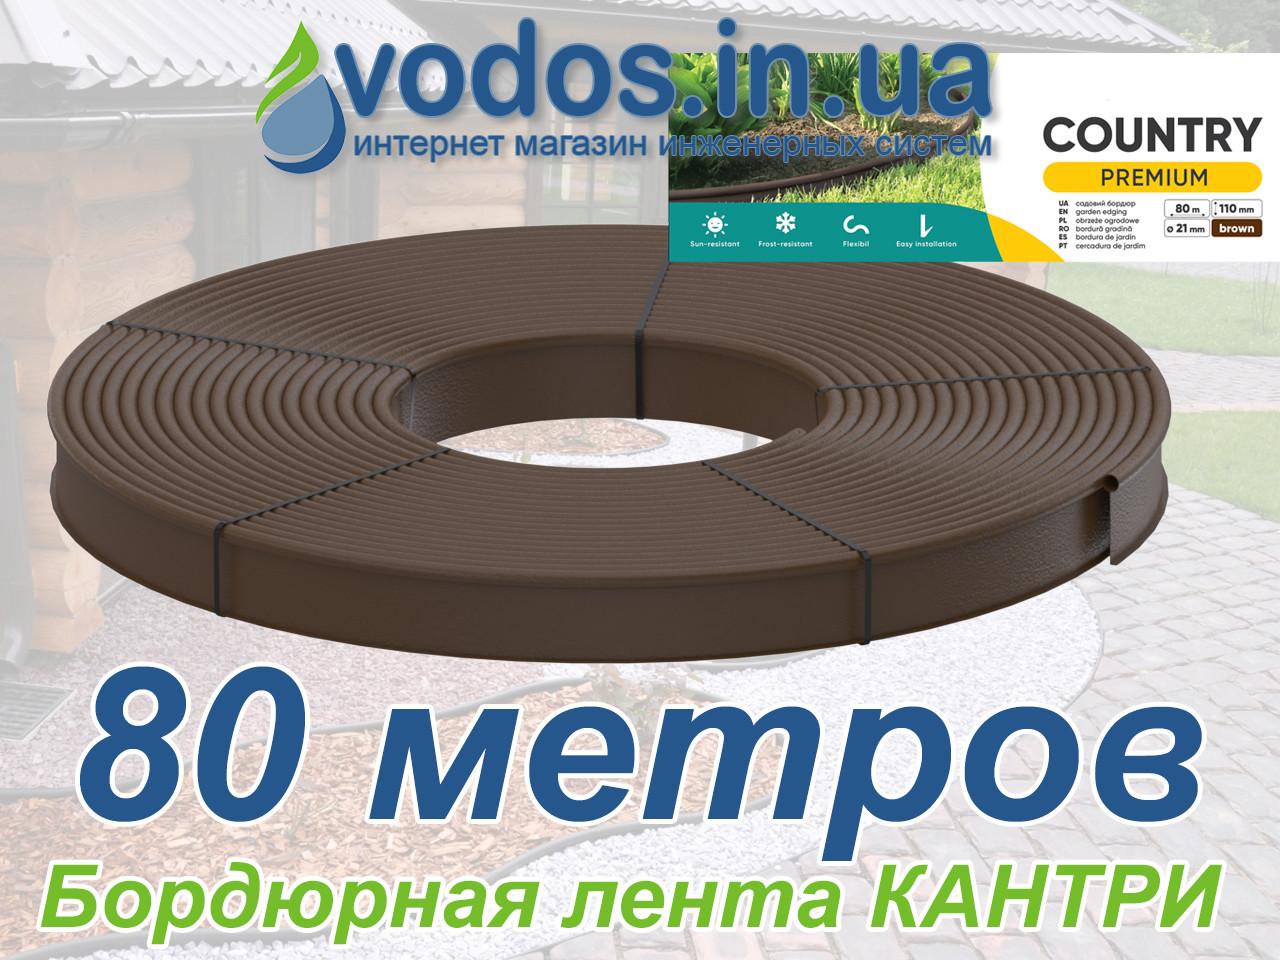 Садовый Бордюр Кантри пластиковый Б-8000.2.11-ПП Бордюрная лента, Экобордюр - Коричневый (бухта 80 метров)